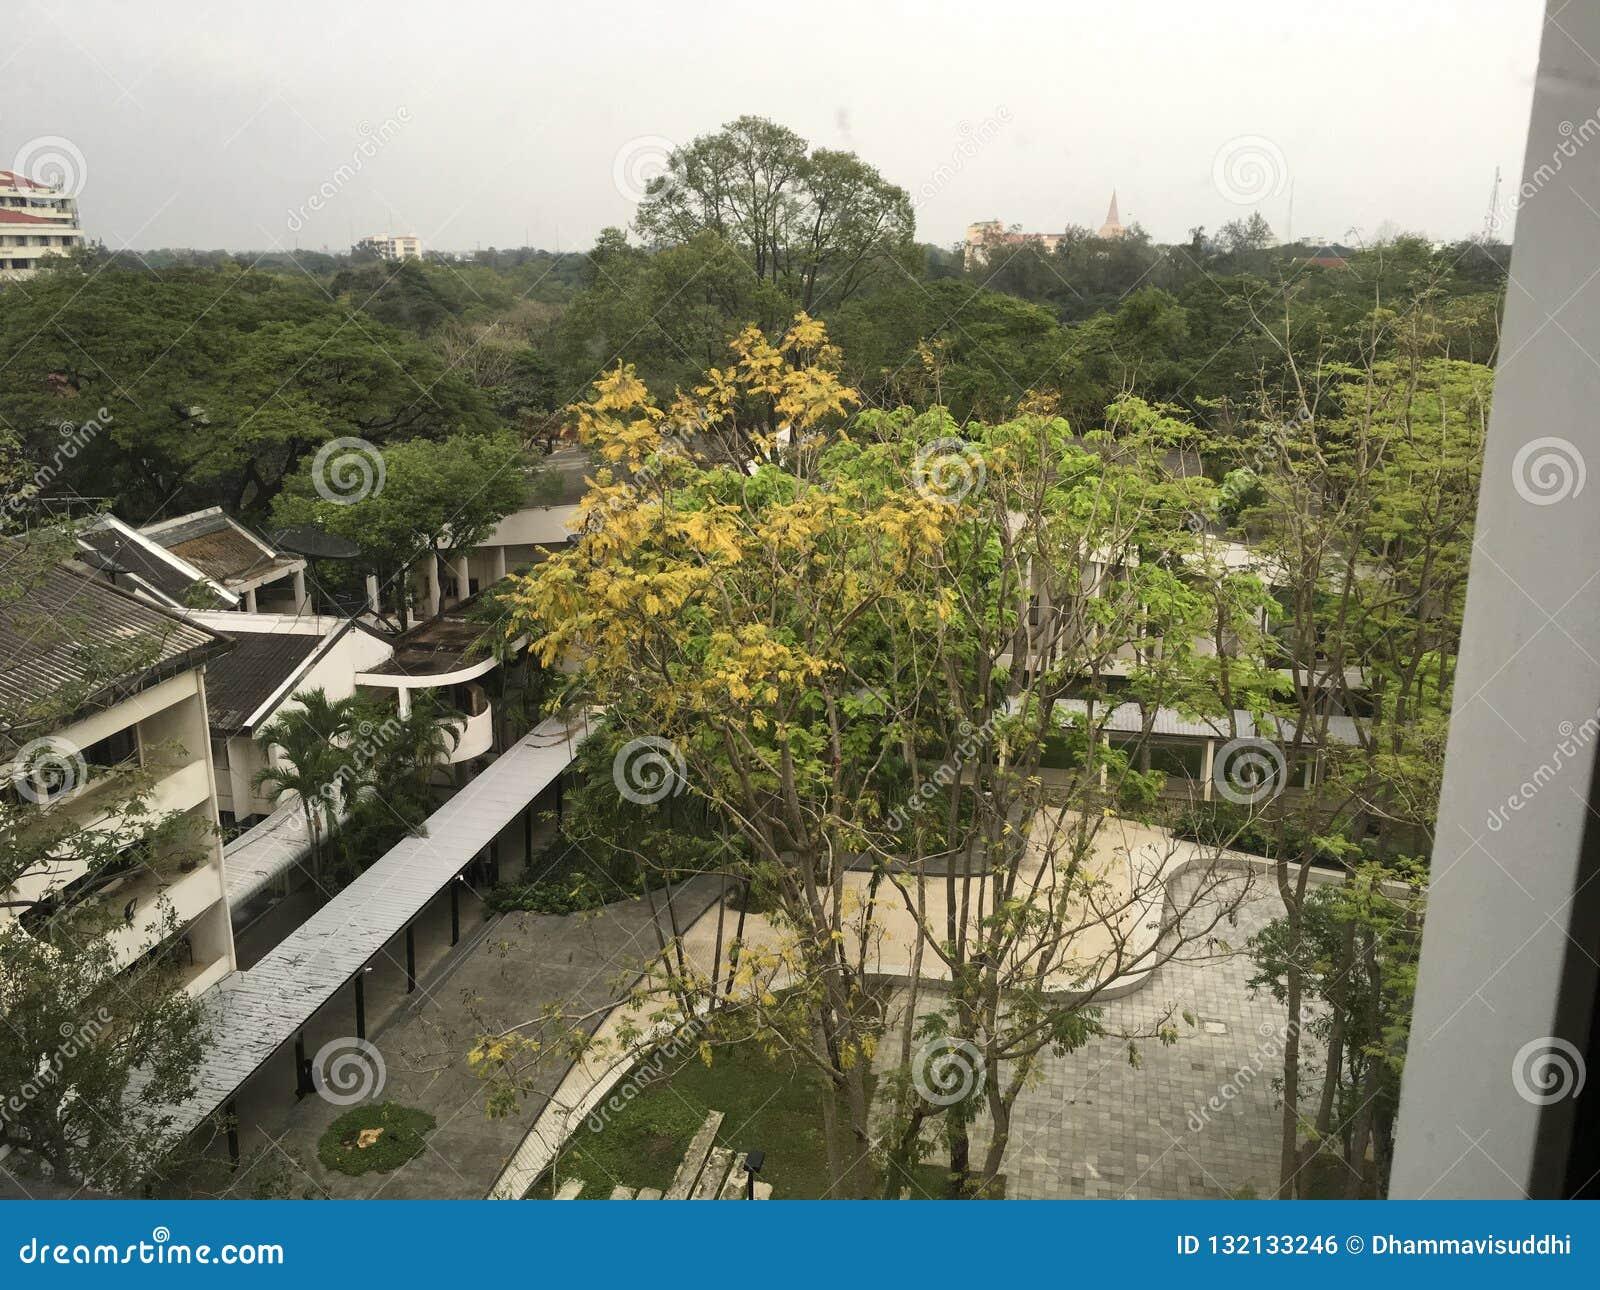 Άσπρα κτίρια γραφείων ανάμεσα στα τροπικά πράσινα δέντρα